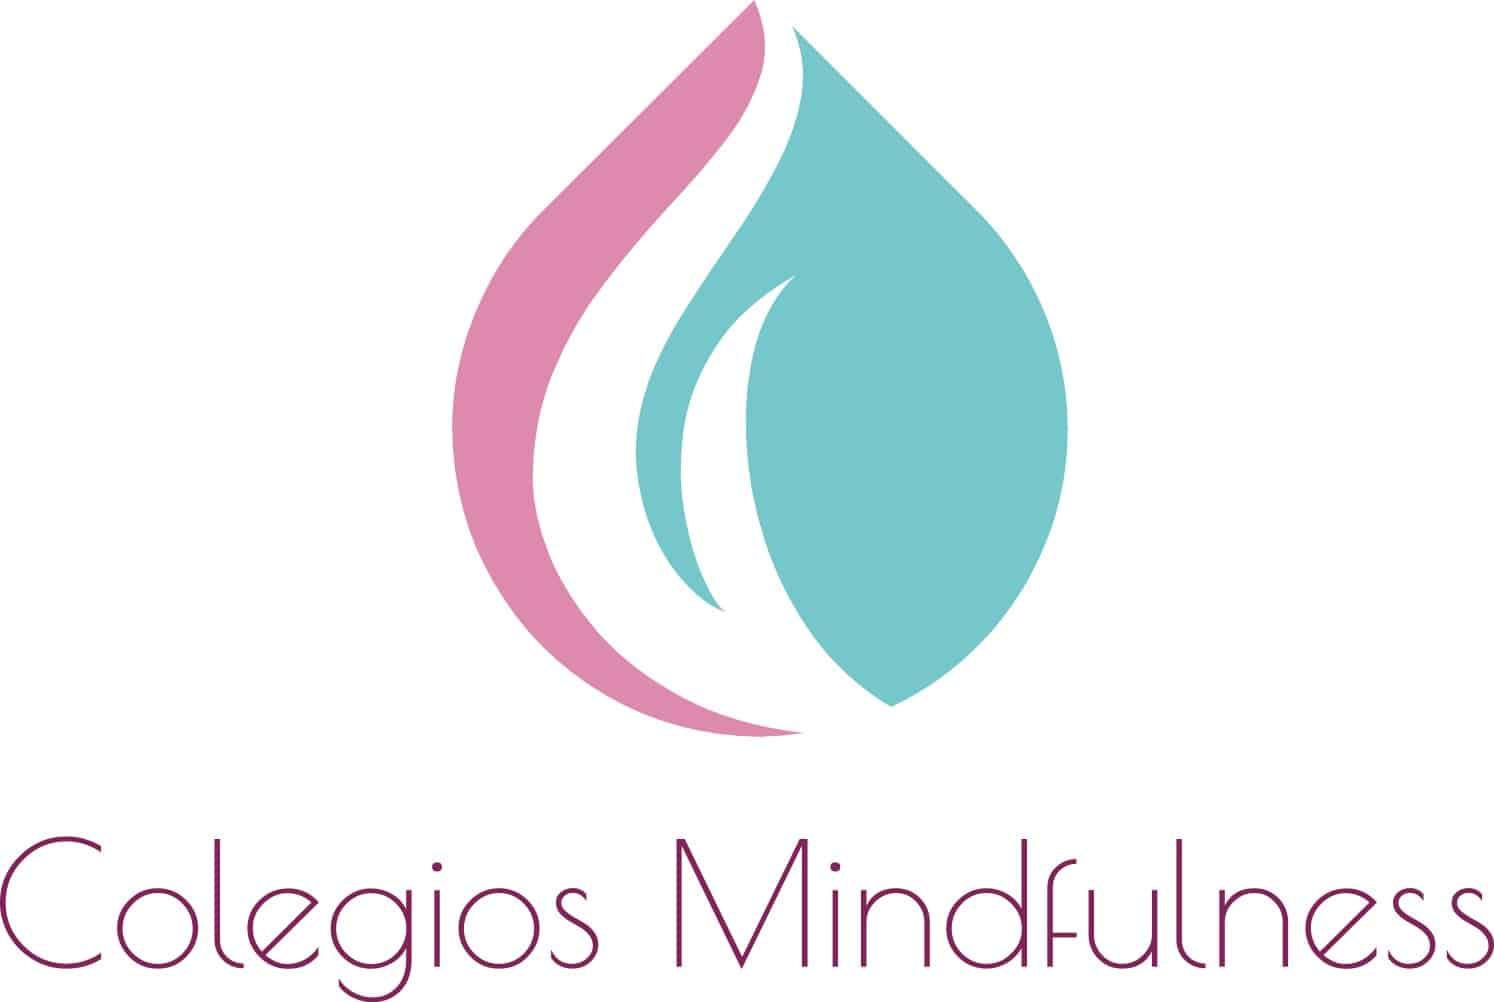 Colegios Mindfulness